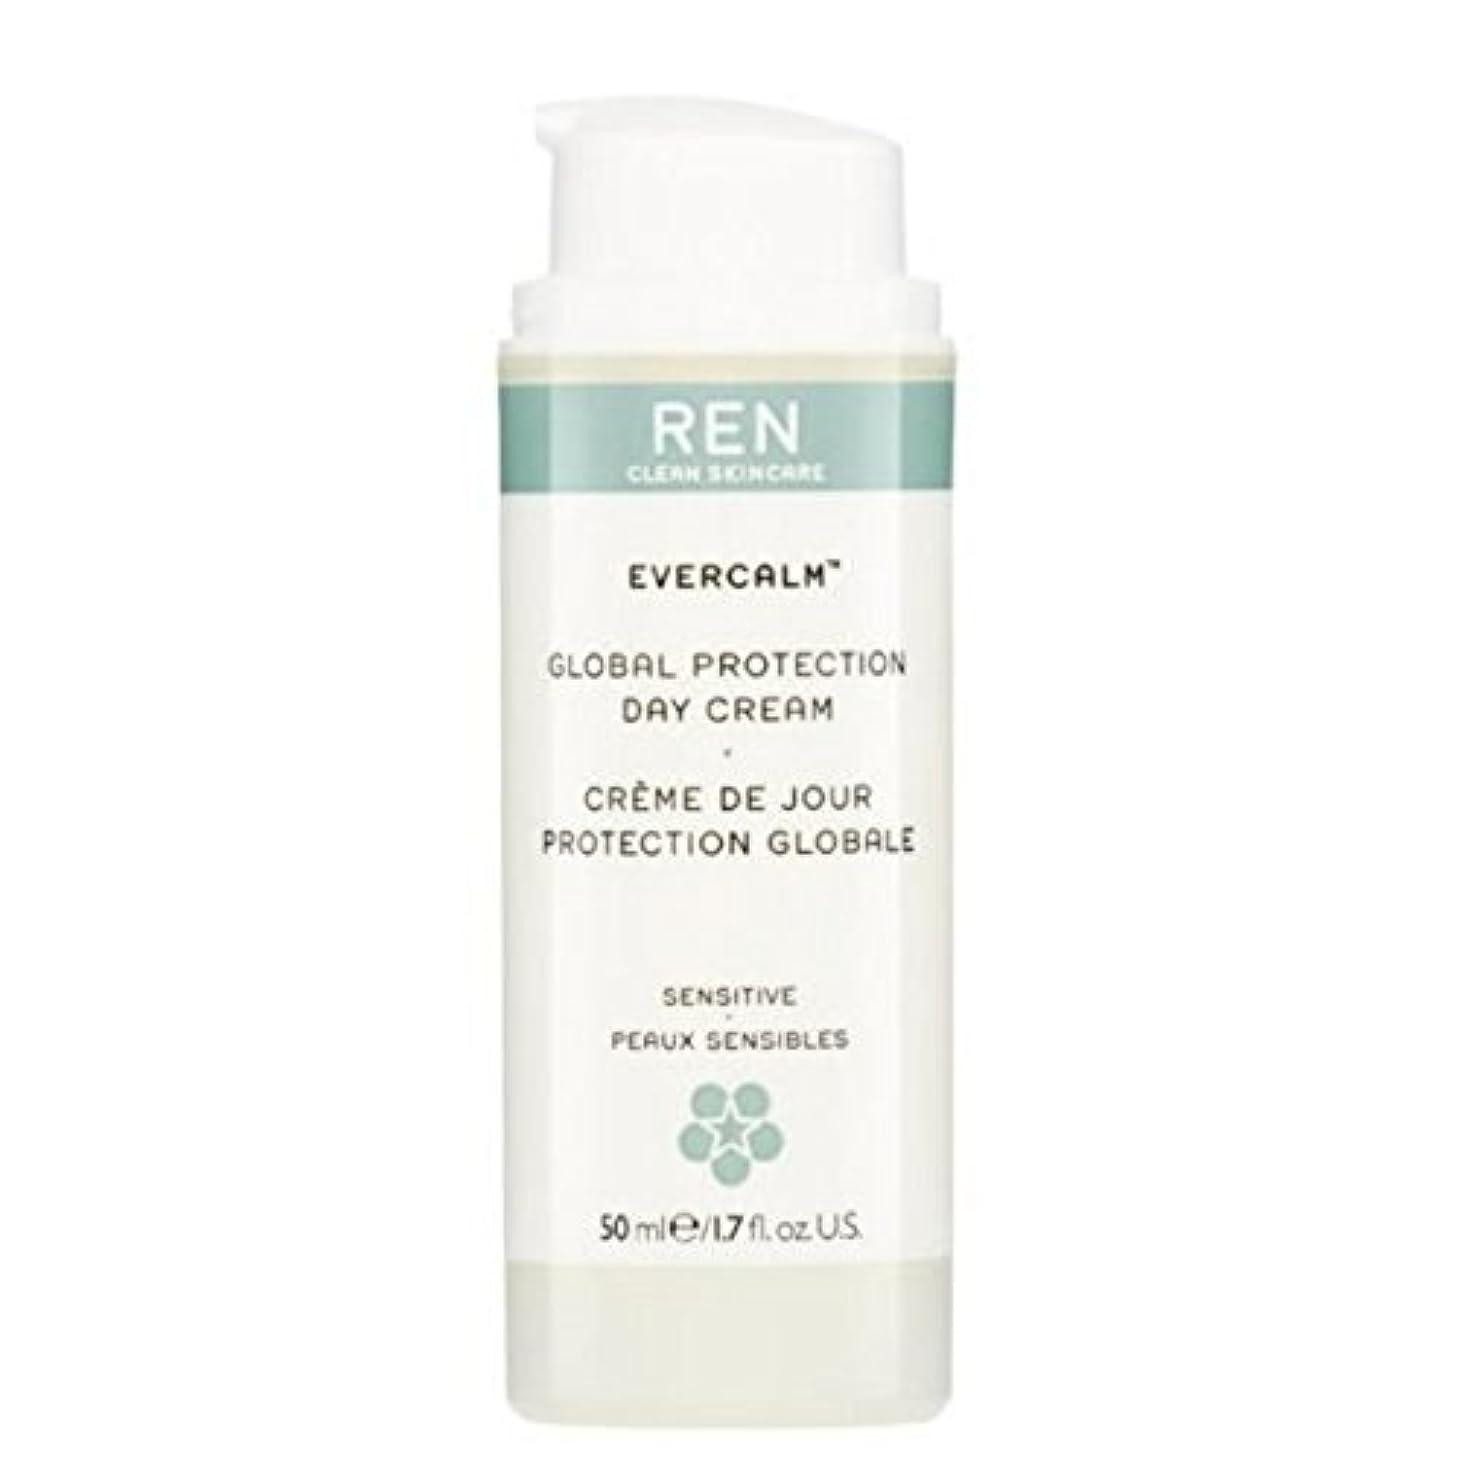 持参ギネス関係するグローバルプロテクションデイクリーム x2 - REN Evercalm Global Protection Day Cream (Pack of 2) [並行輸入品]